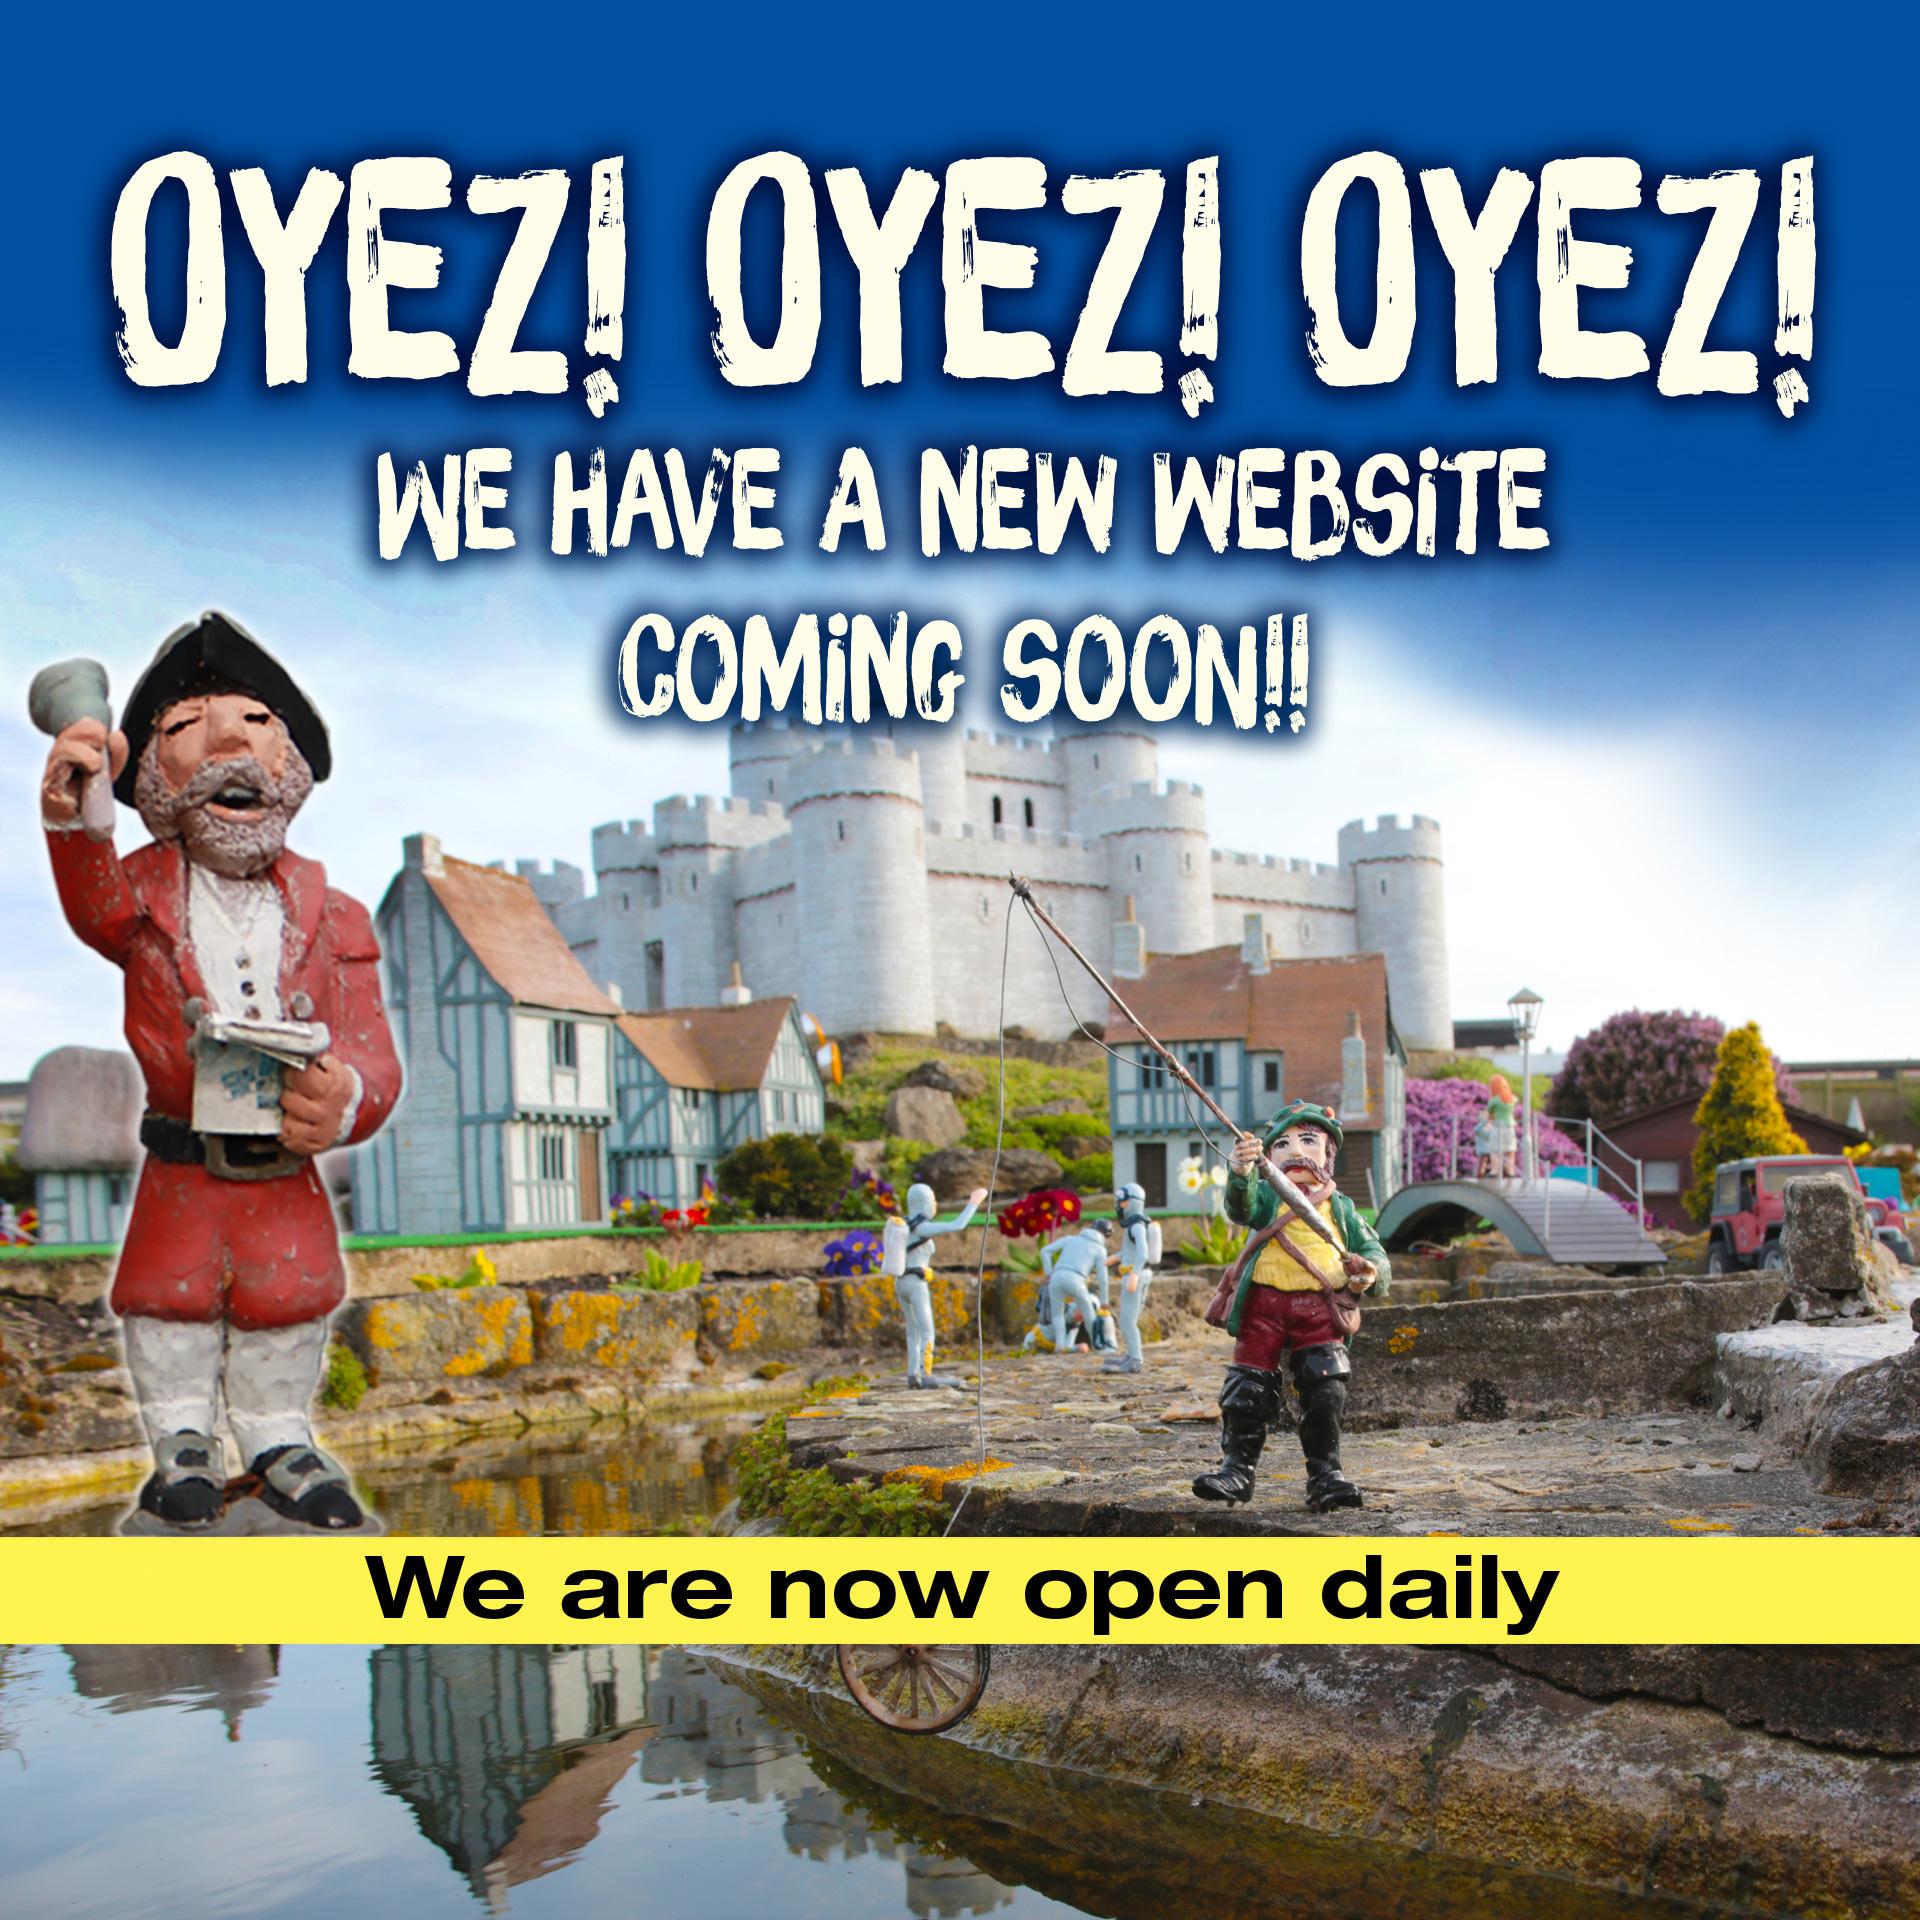 oyez! oyez! oyez! We are open